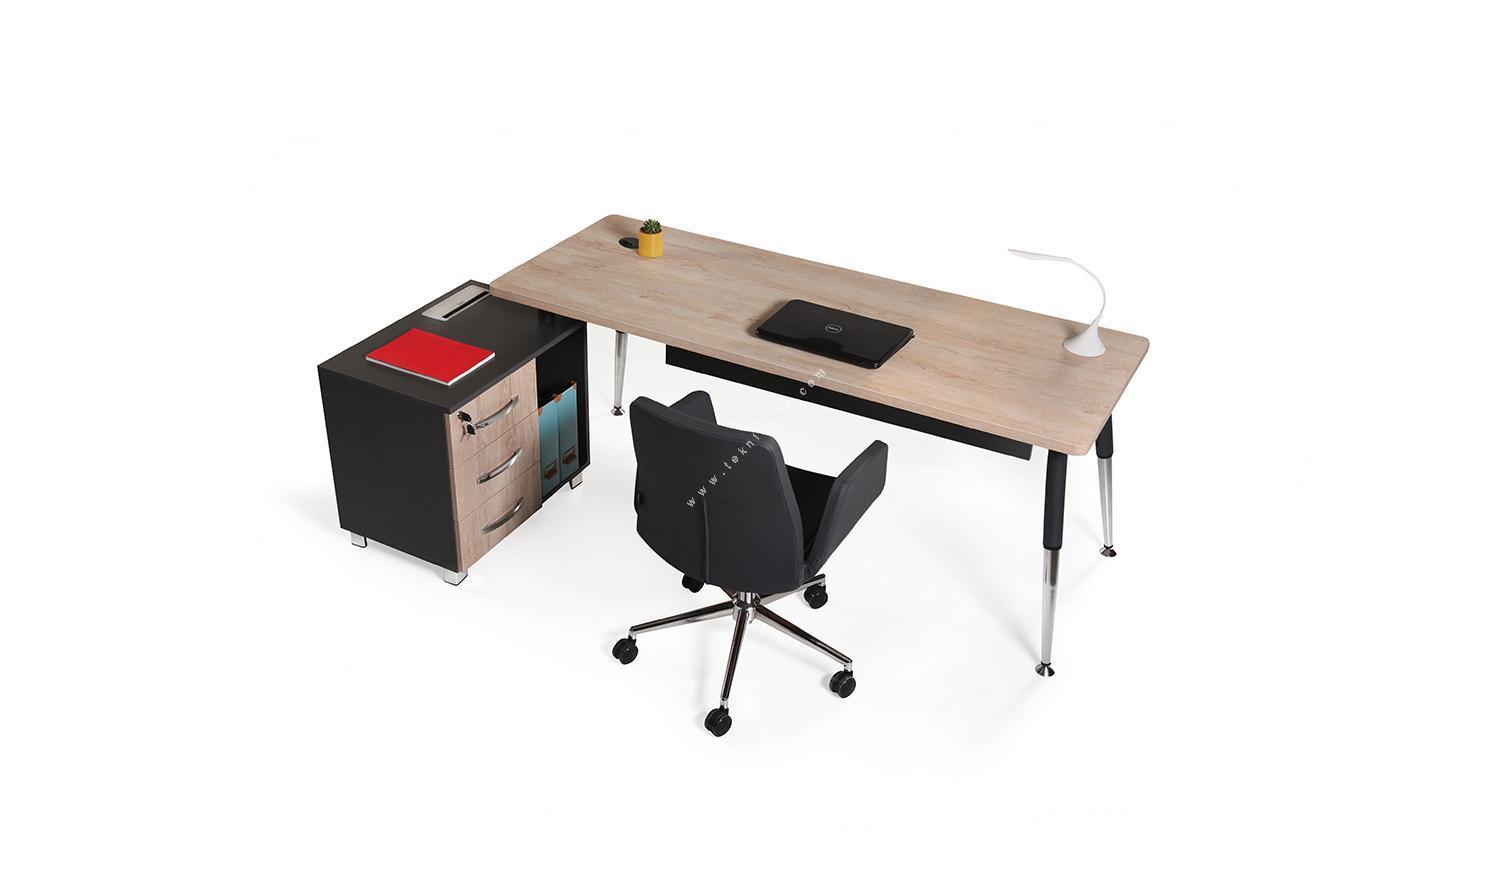 toucher küçük etajerli yönetici masası 200cm